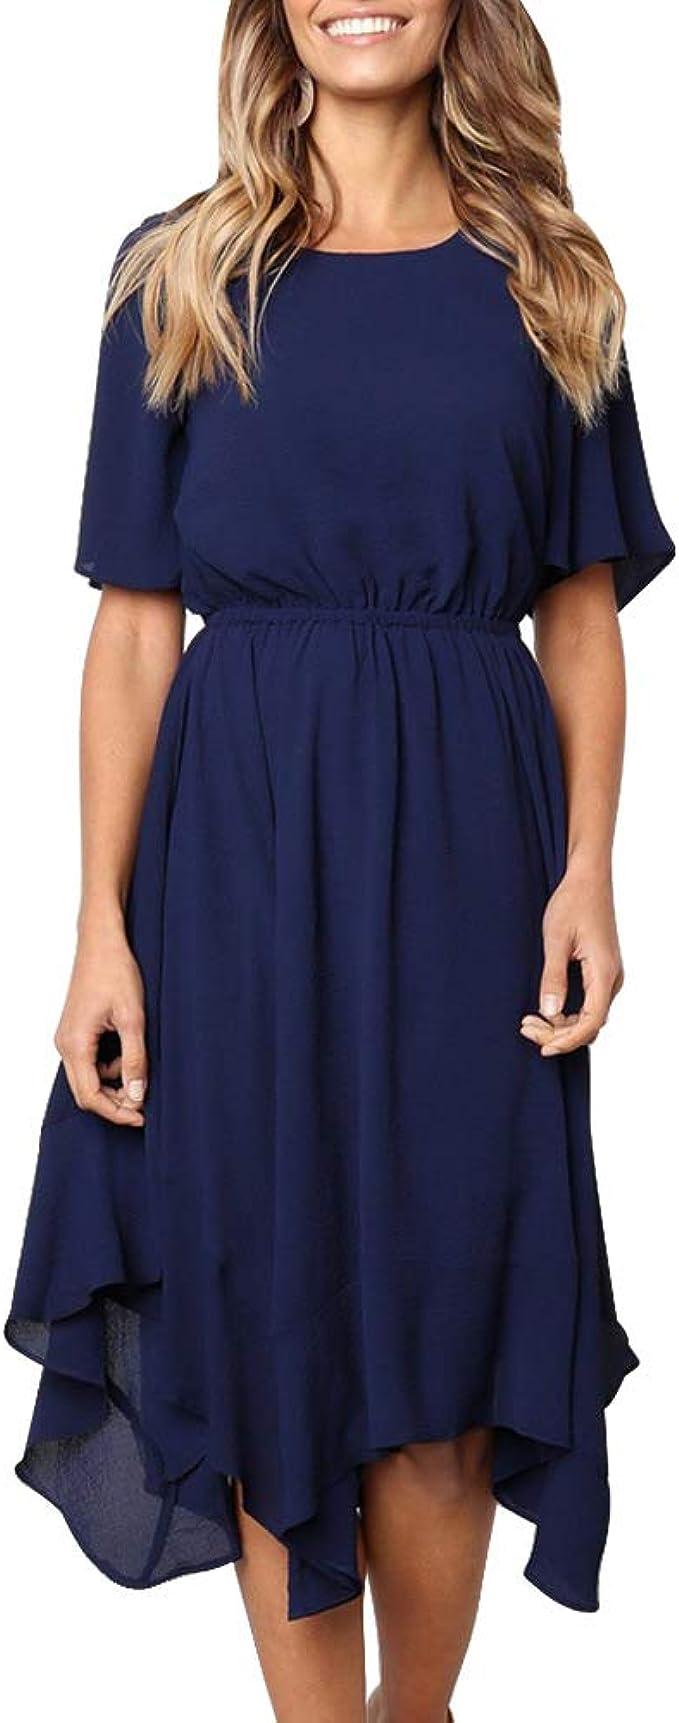 Dehots Damen Kleider A-Linie Sommerkleid Rundhals Kleid Kurz Mini  Strandkleid Sommer für Mädchen Frauen